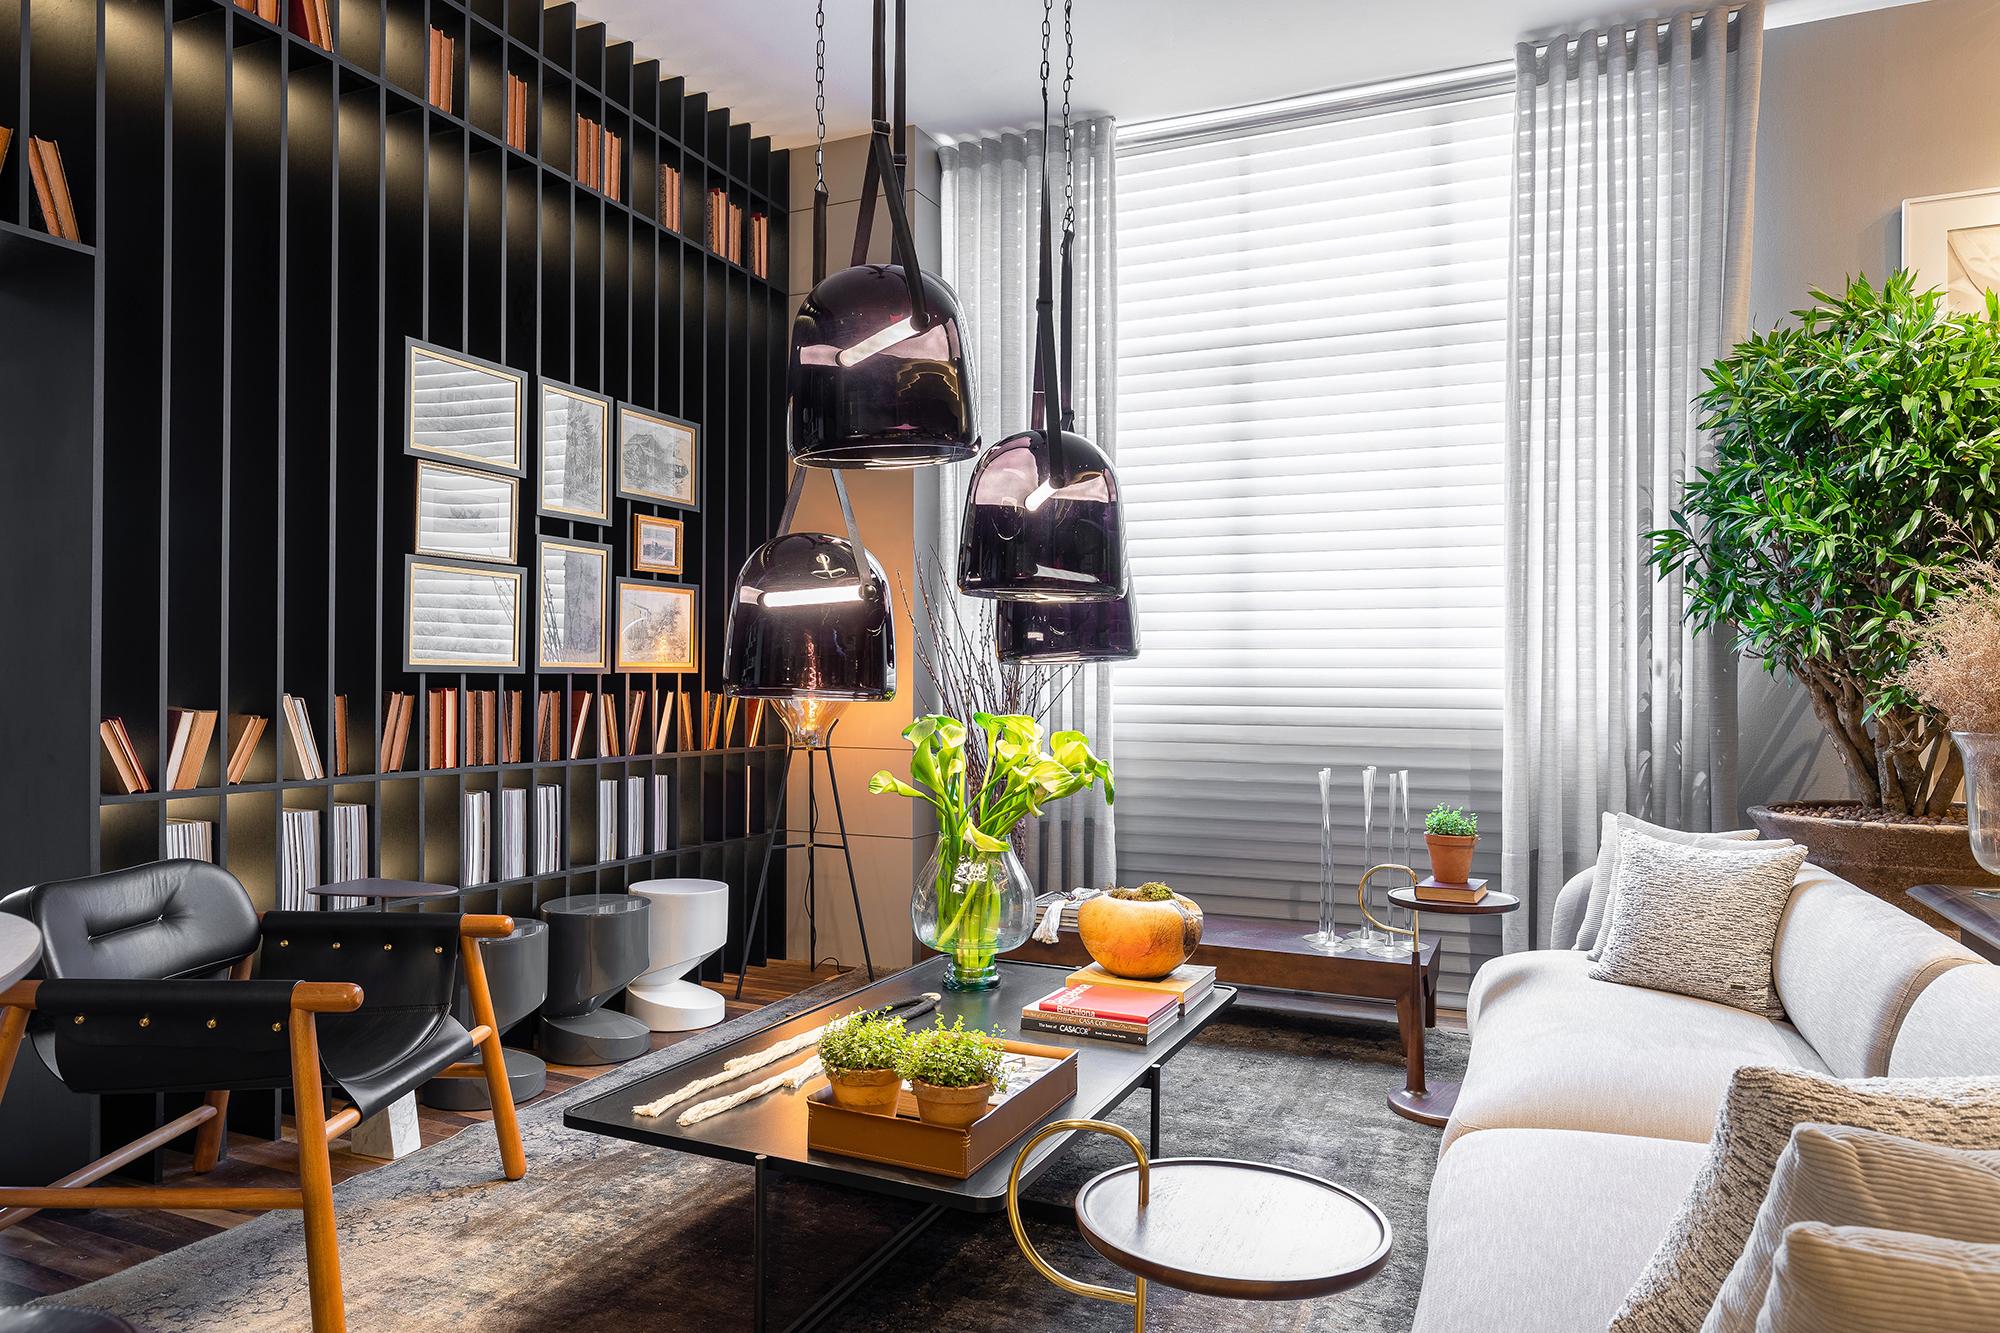 Loft Deca, projeto de Marcelo Lopes para a CASACOR Paraná 2021. Na foto, cozinha com mesa e bancada preta, sofá, tapete e mesas.